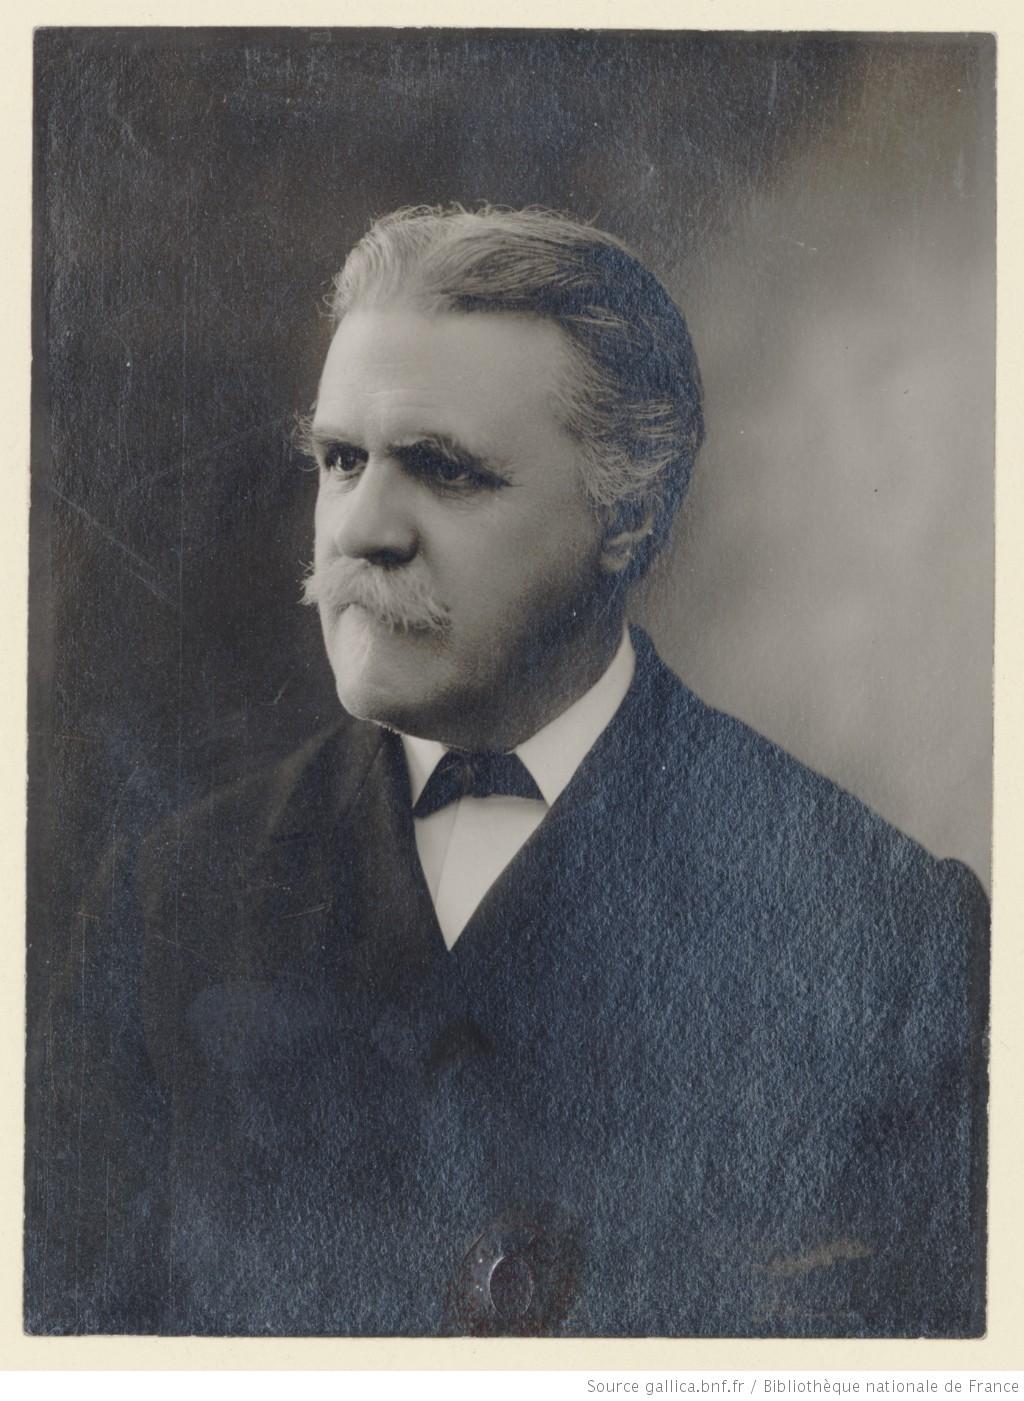 Vincent d'Indy, photo d'Henri Manuel, Gallica, Cliquer sur la photo pour l'original et ses références